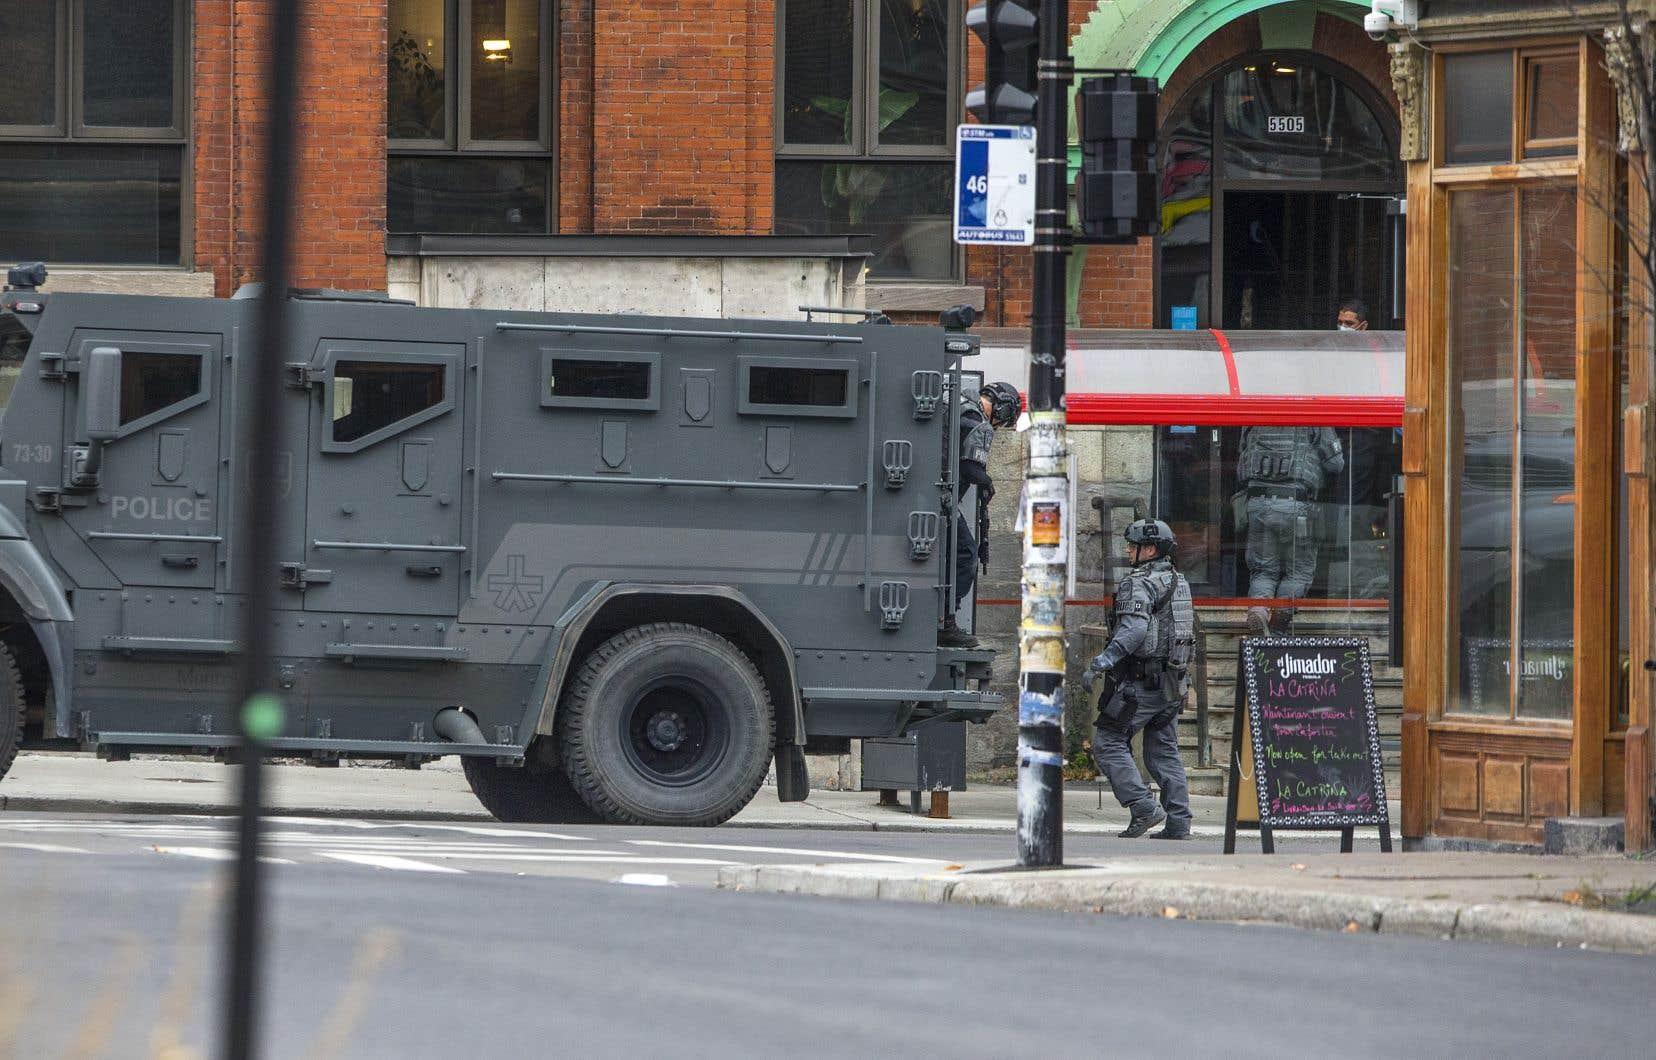 Un camion blindé est visible près de l'entrée de l'immeuble abritant les locaux d'Ubisoft Montréal.